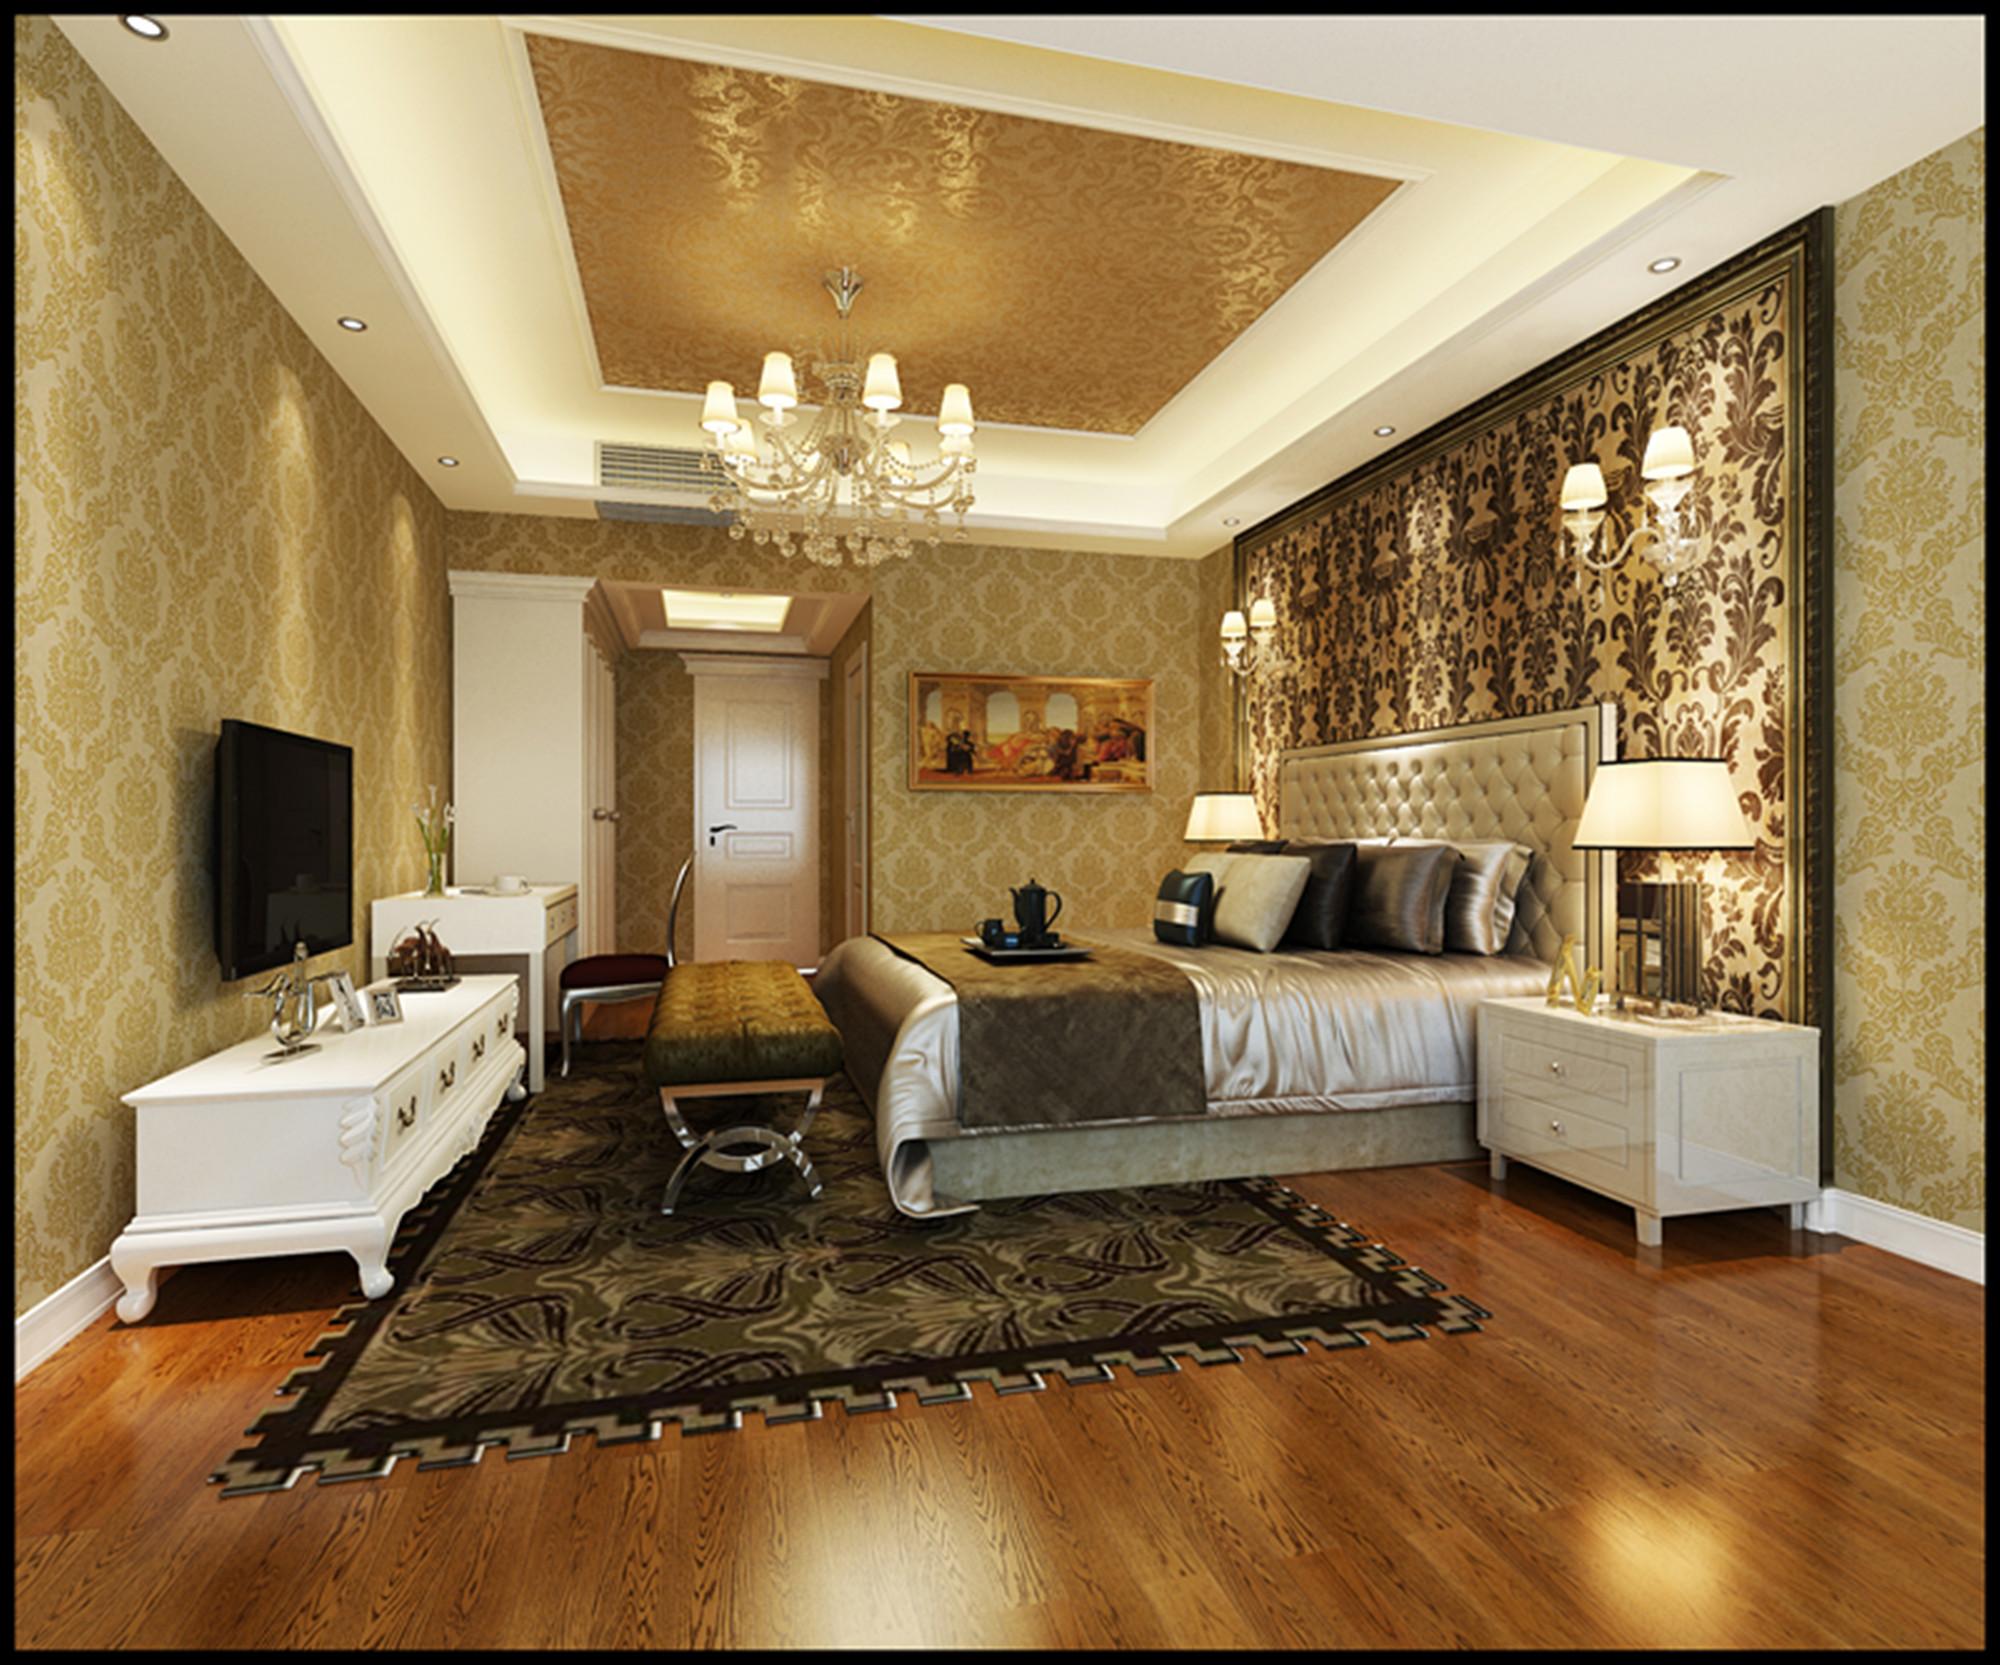 4居 欧式 150平米 庄士 装修 报价 家居 生活 整体家装 卧室图片来自曹丹在庄士映蝶蓝湾-欧式风格-150平米的分享